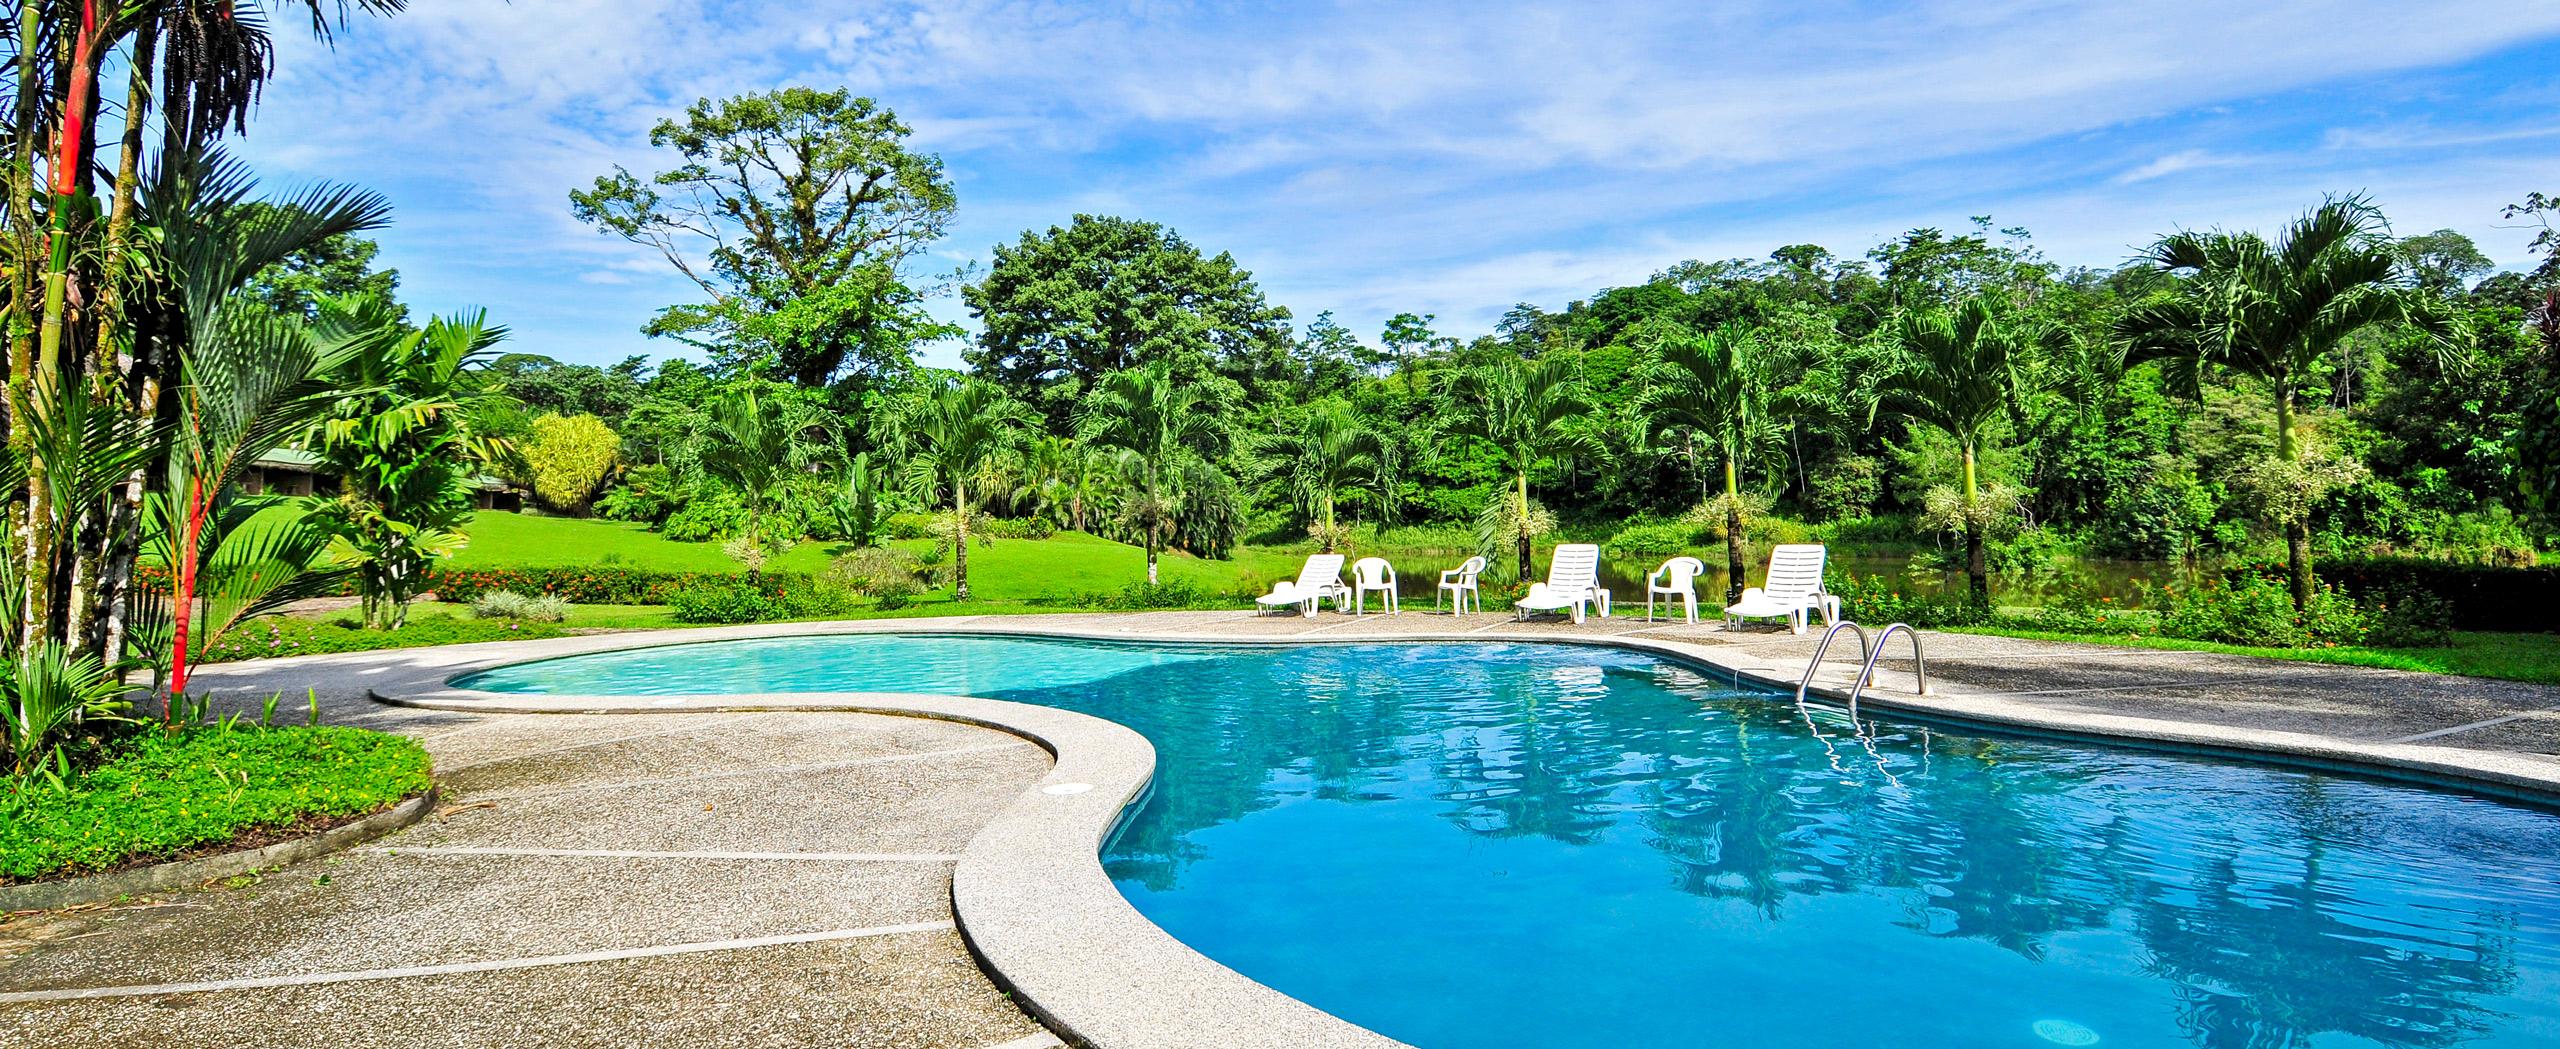 Costa Rica Family Adventure